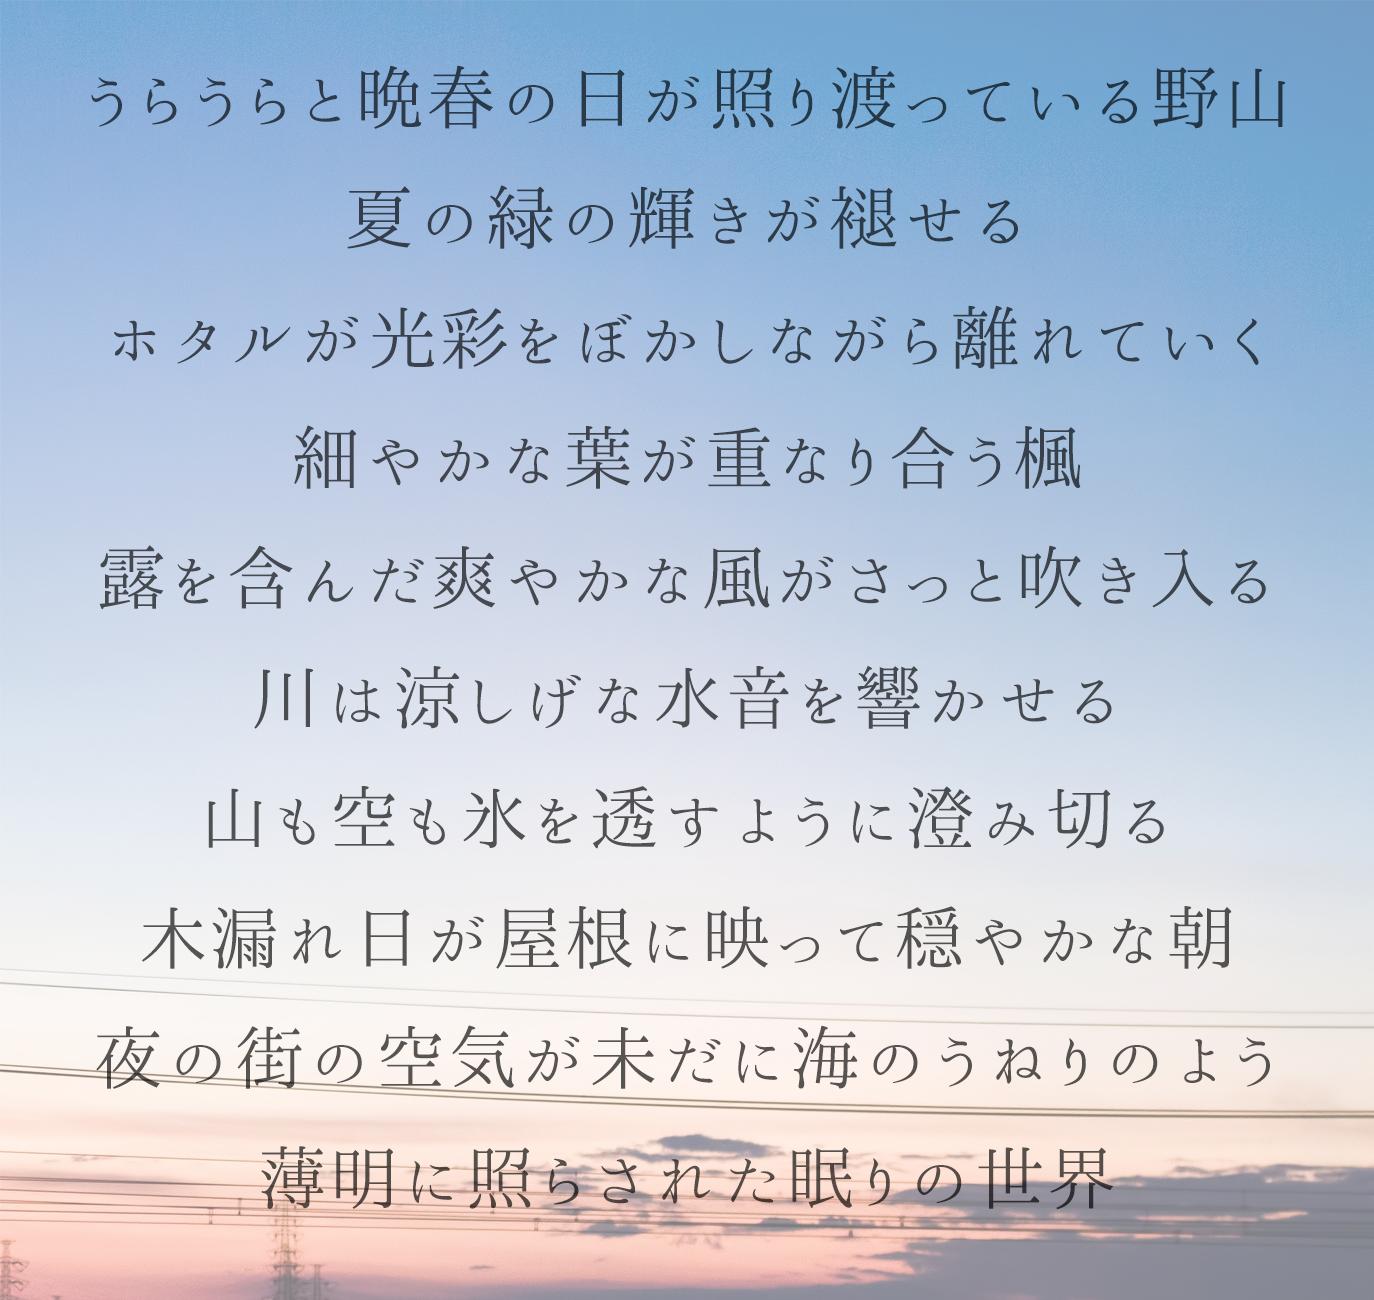 オールド系フォント「ほのか明朝」無料ダウンロード | フォント